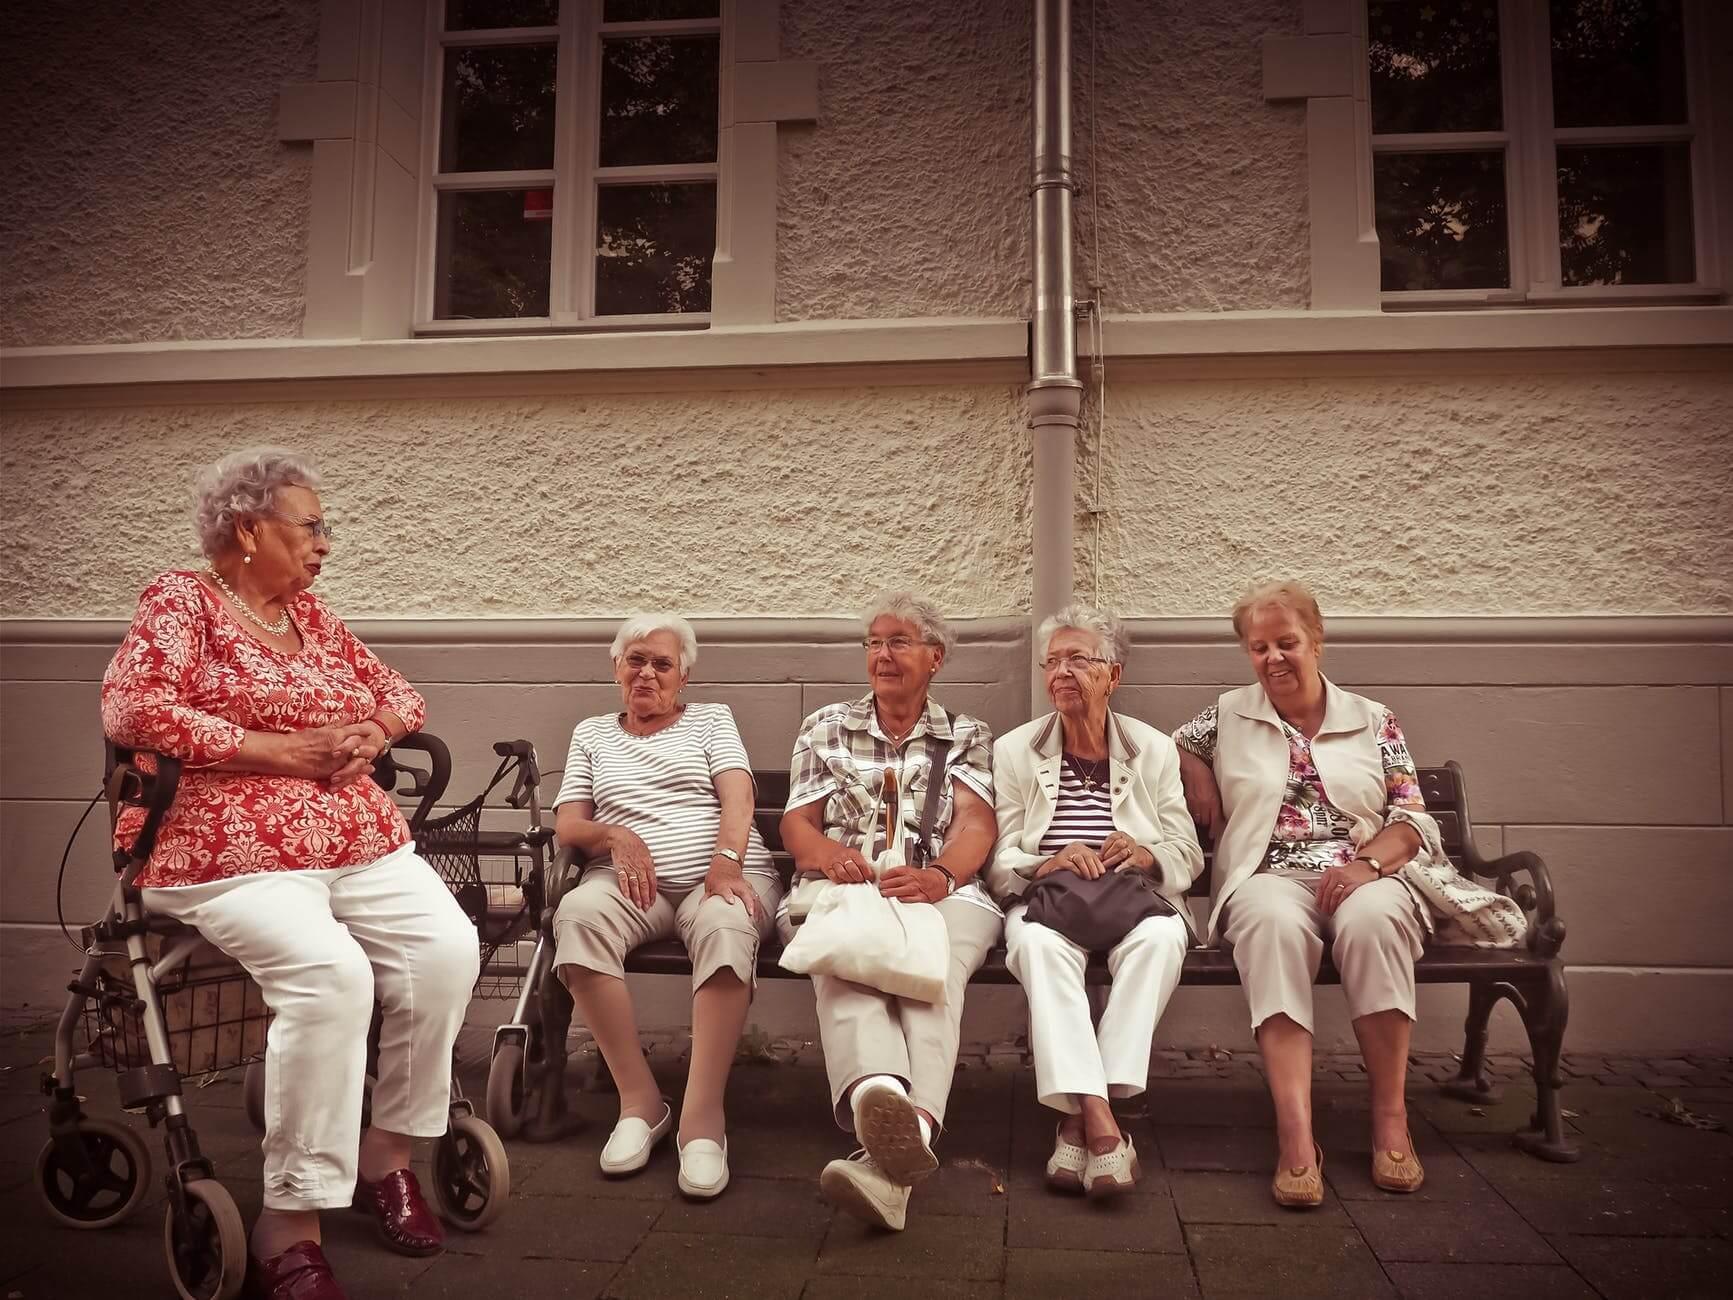 Umirovljenici se vraćaju iz Njemačke živjeti u jeftinijim hrvatskim domovima